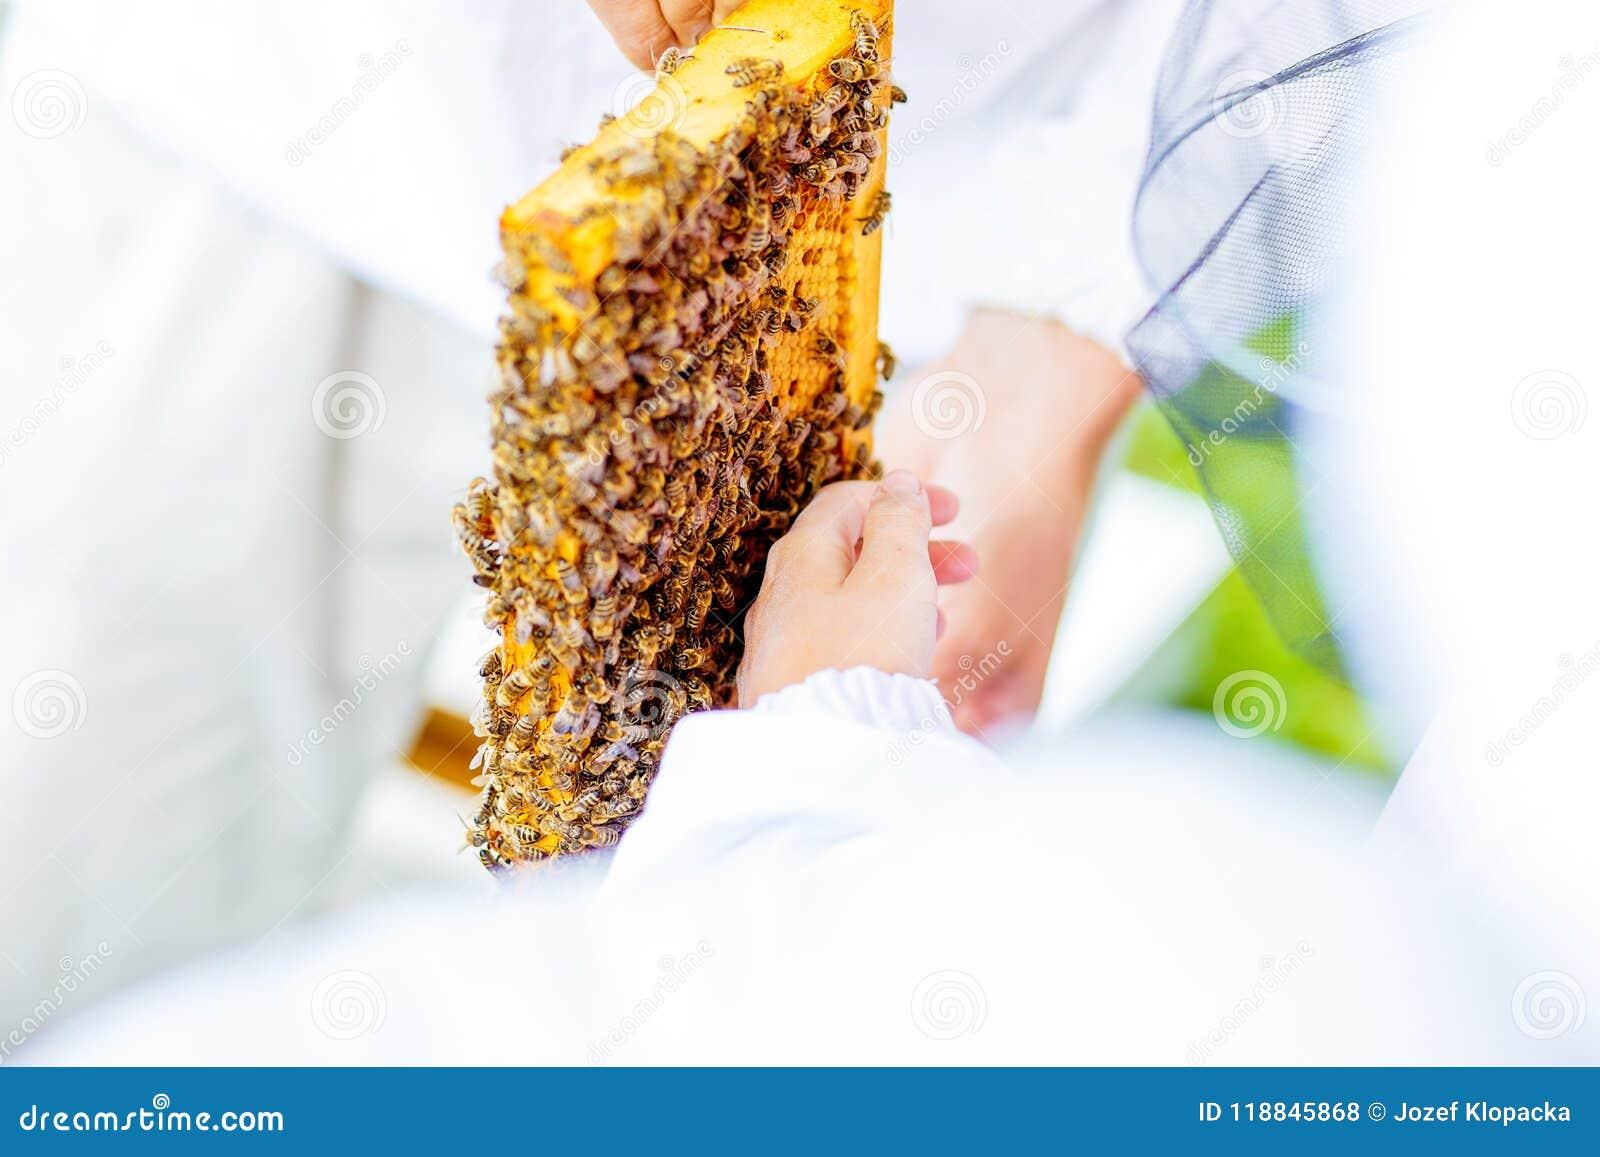 L apiculteur donne aux enfants une occasion de toucher et examiner le nid d abeilles